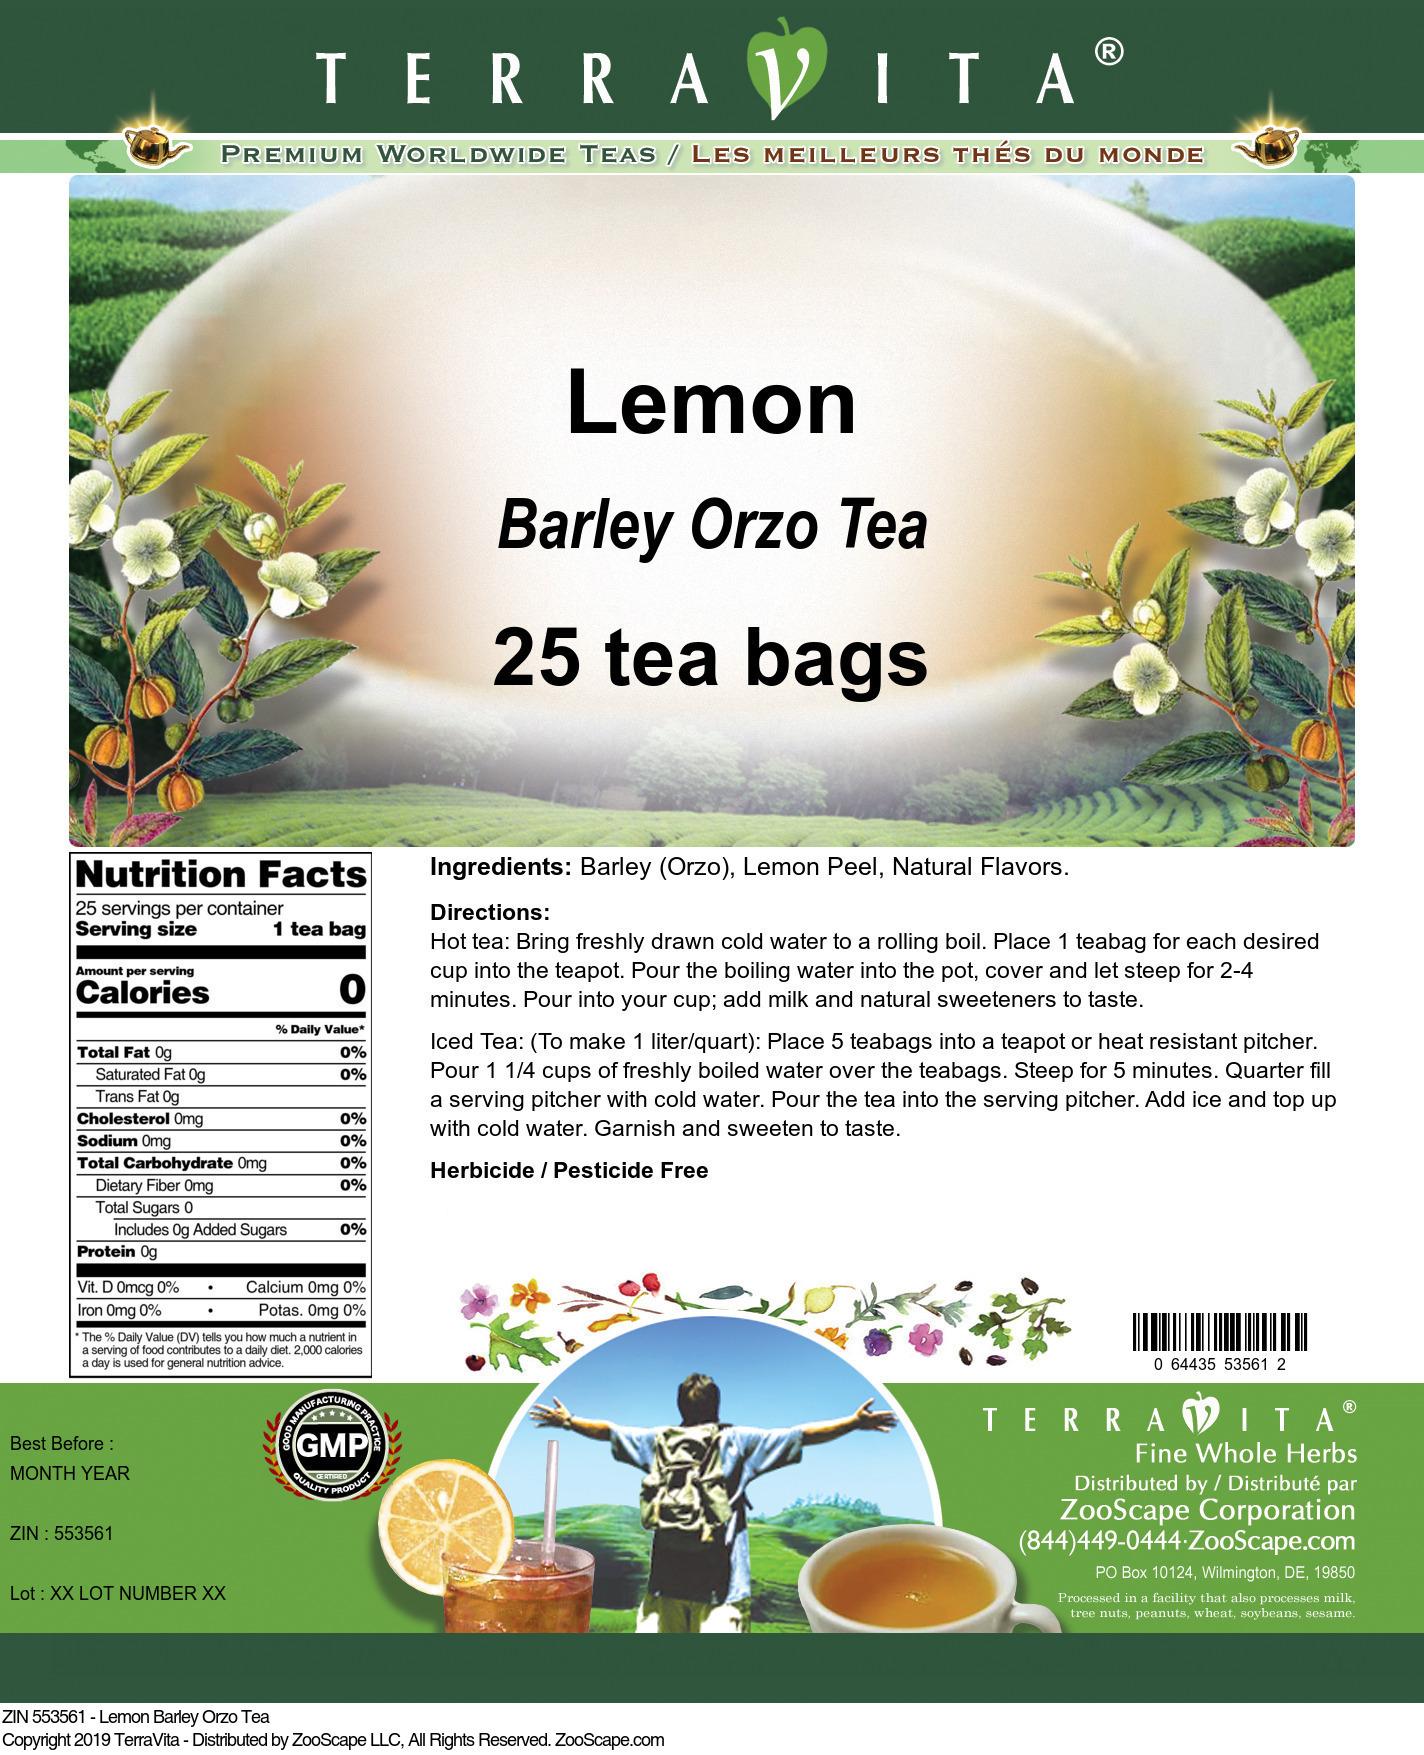 Lemon Barley Orzo Tea